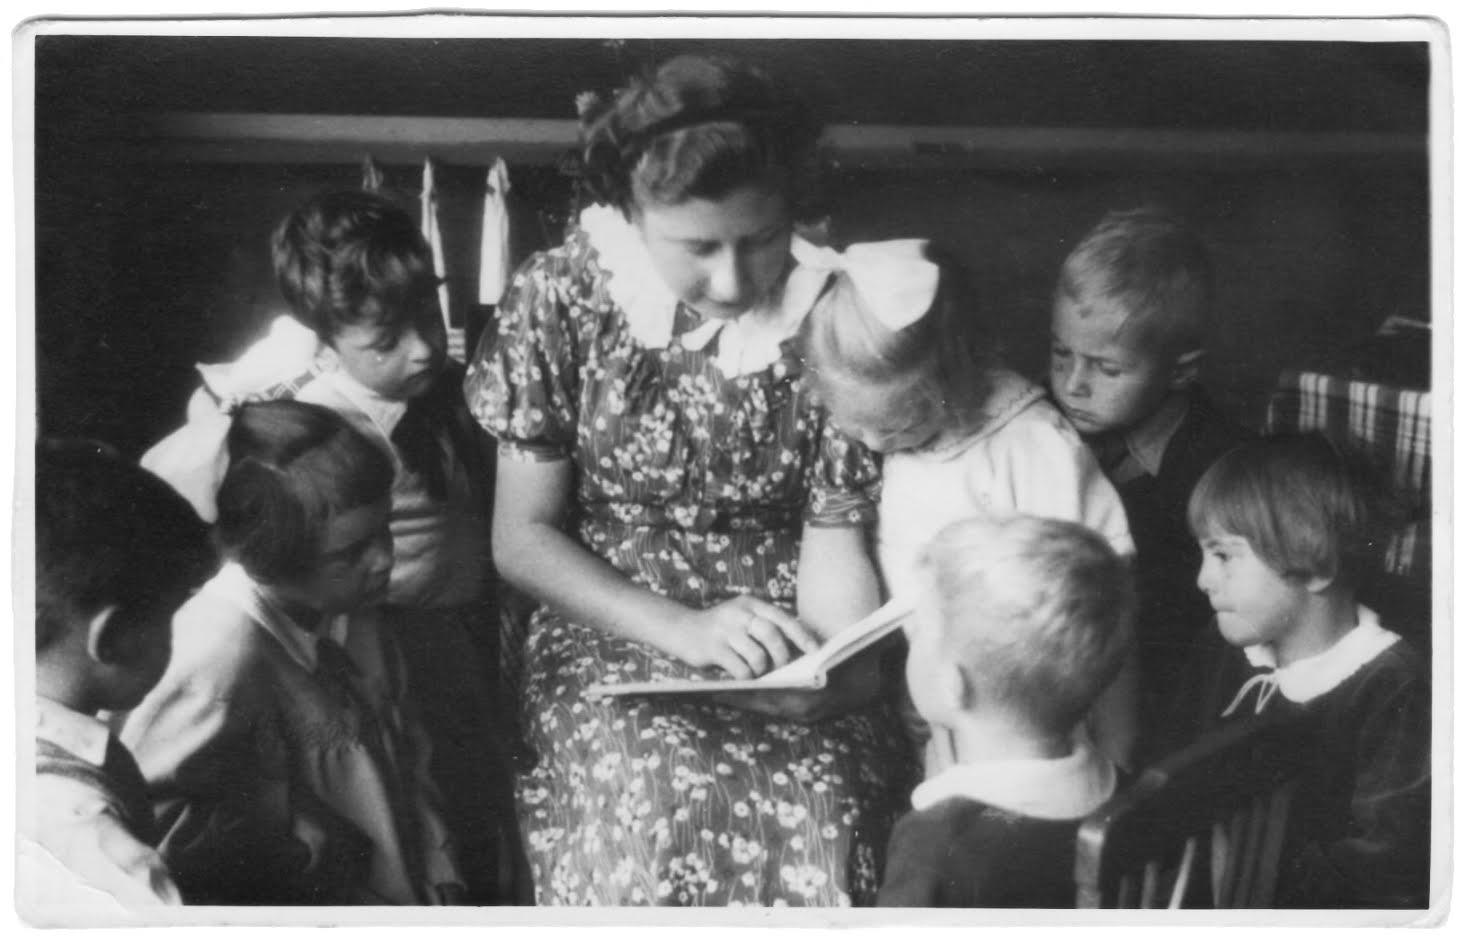 Corine leest haar leerlingen voor op school in Dordrecht (PvdD)